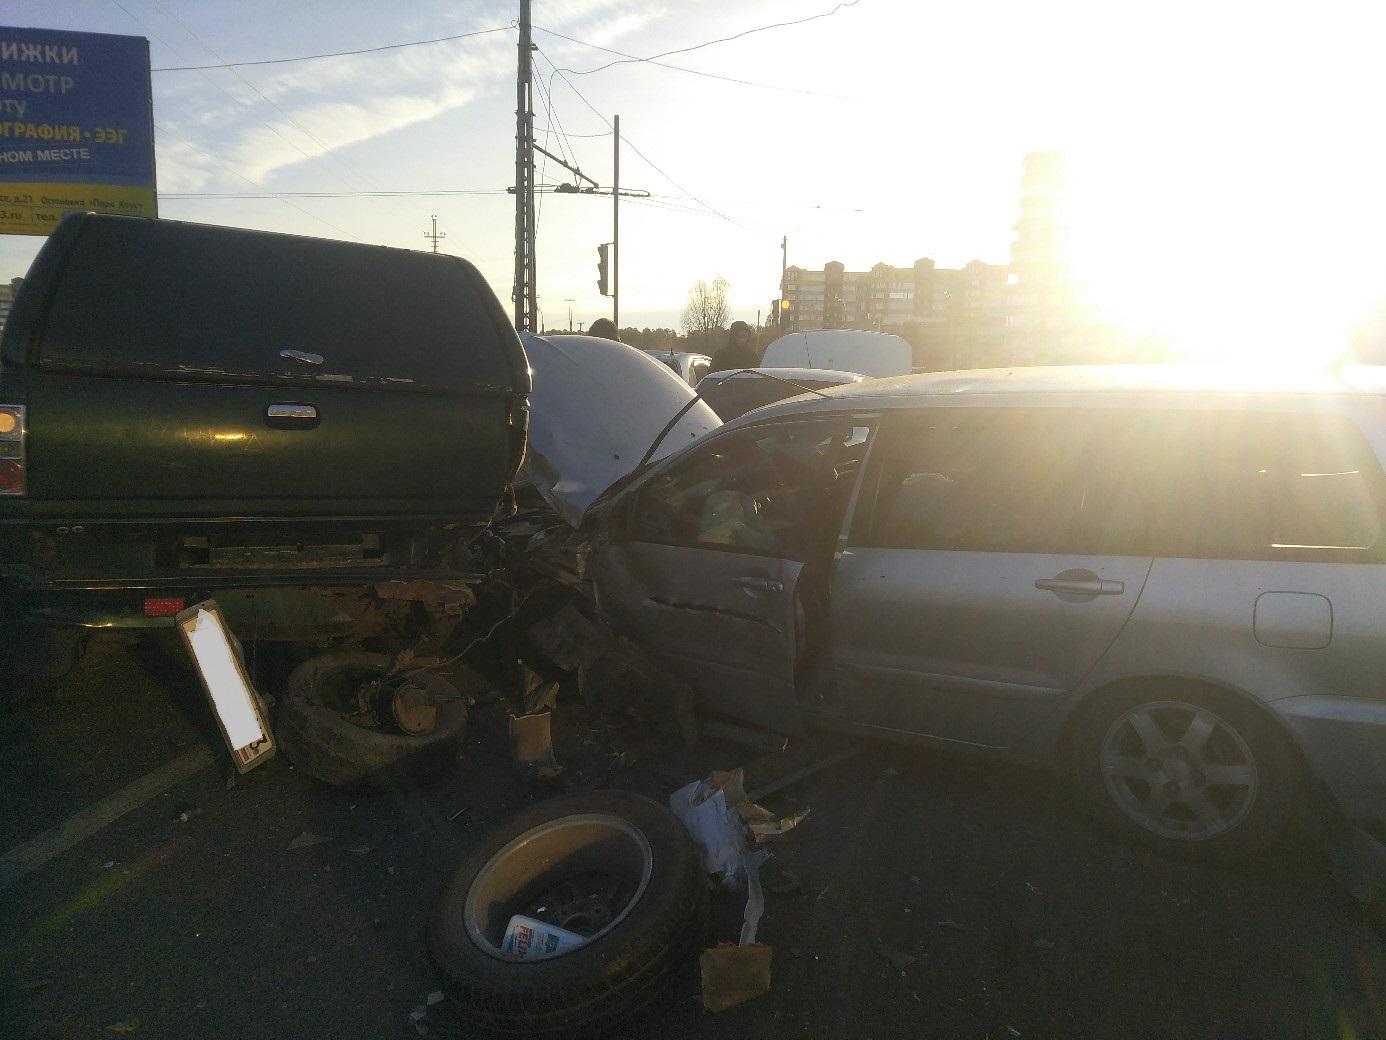 Ослепило солнце: В Тольятти массовая авария с 8 машинами